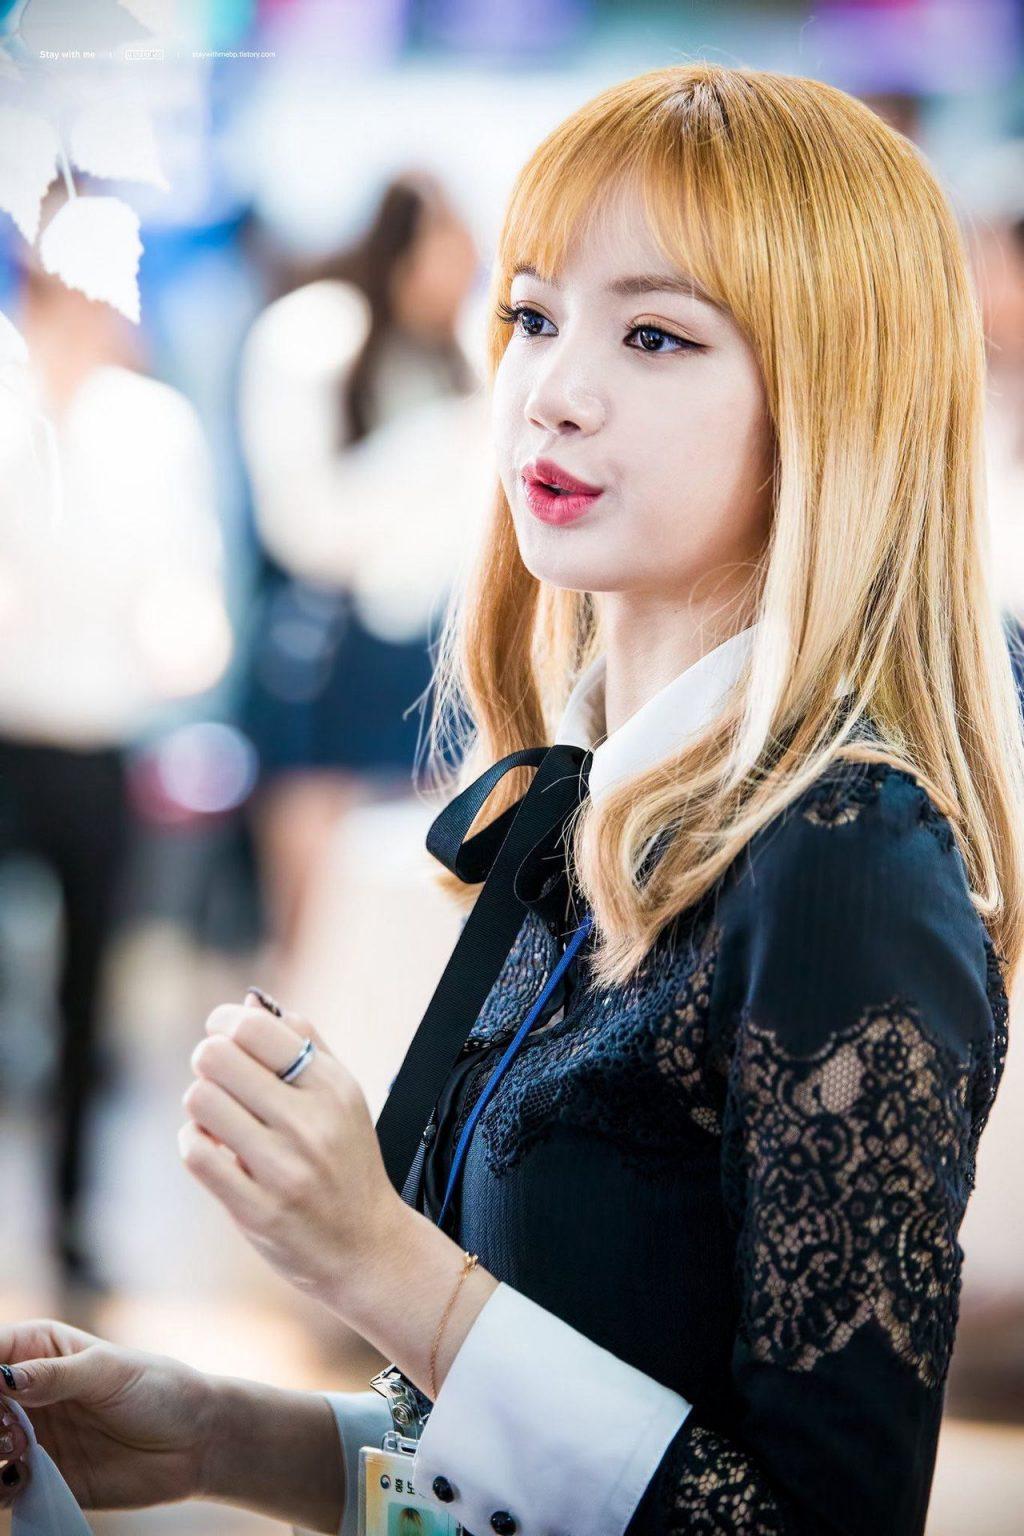 Lisa màu tóc_YESASIA2